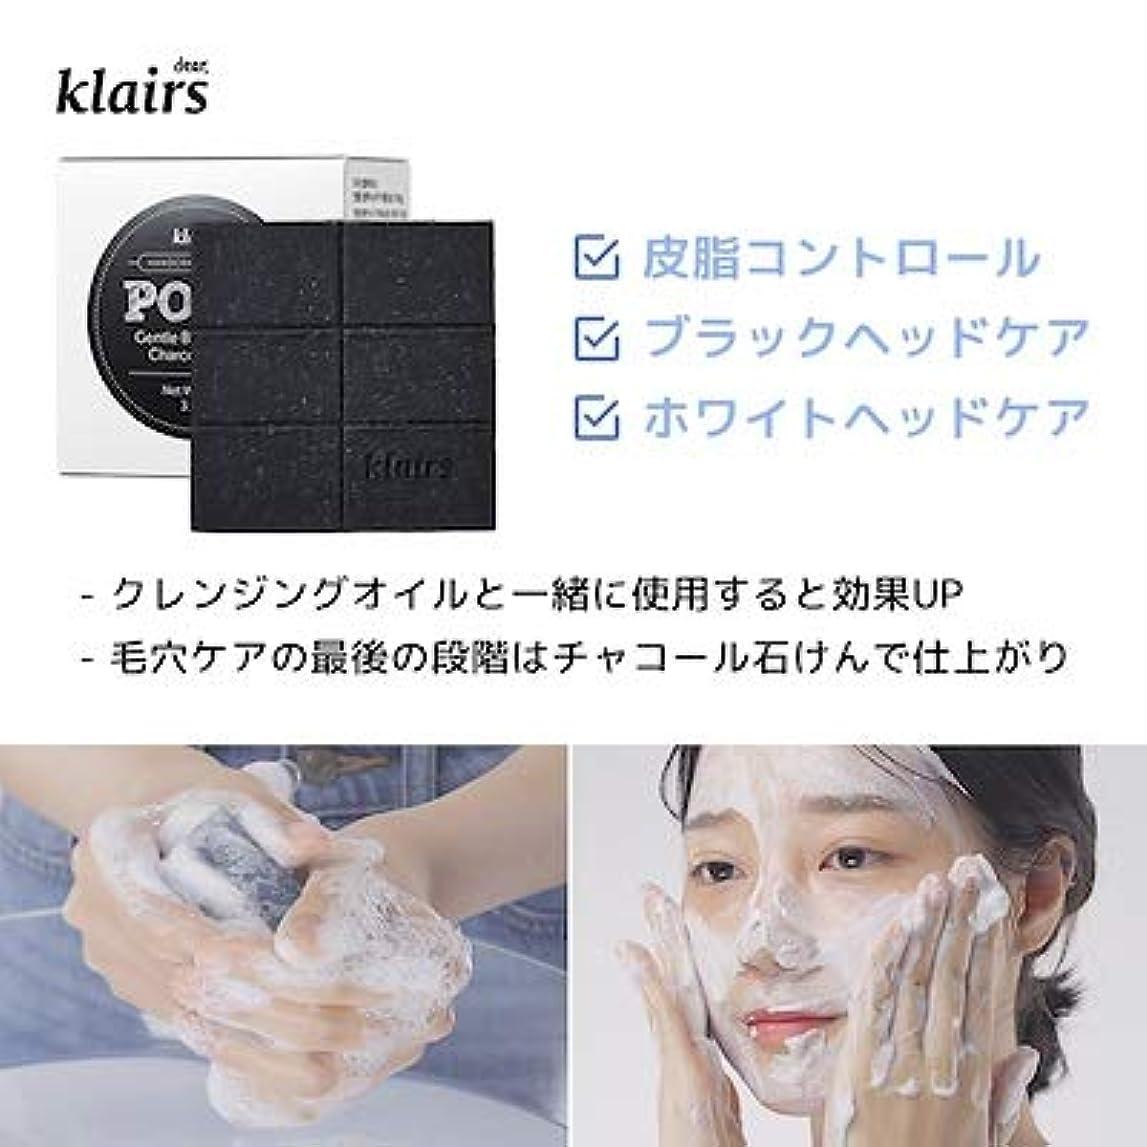 眠るダンス協定KLAIRS(クレアズ) ジェントルブラックシュガーチャコール石けん, Gentle Black Sugar Charcol Soap 120g [並行輸入品]